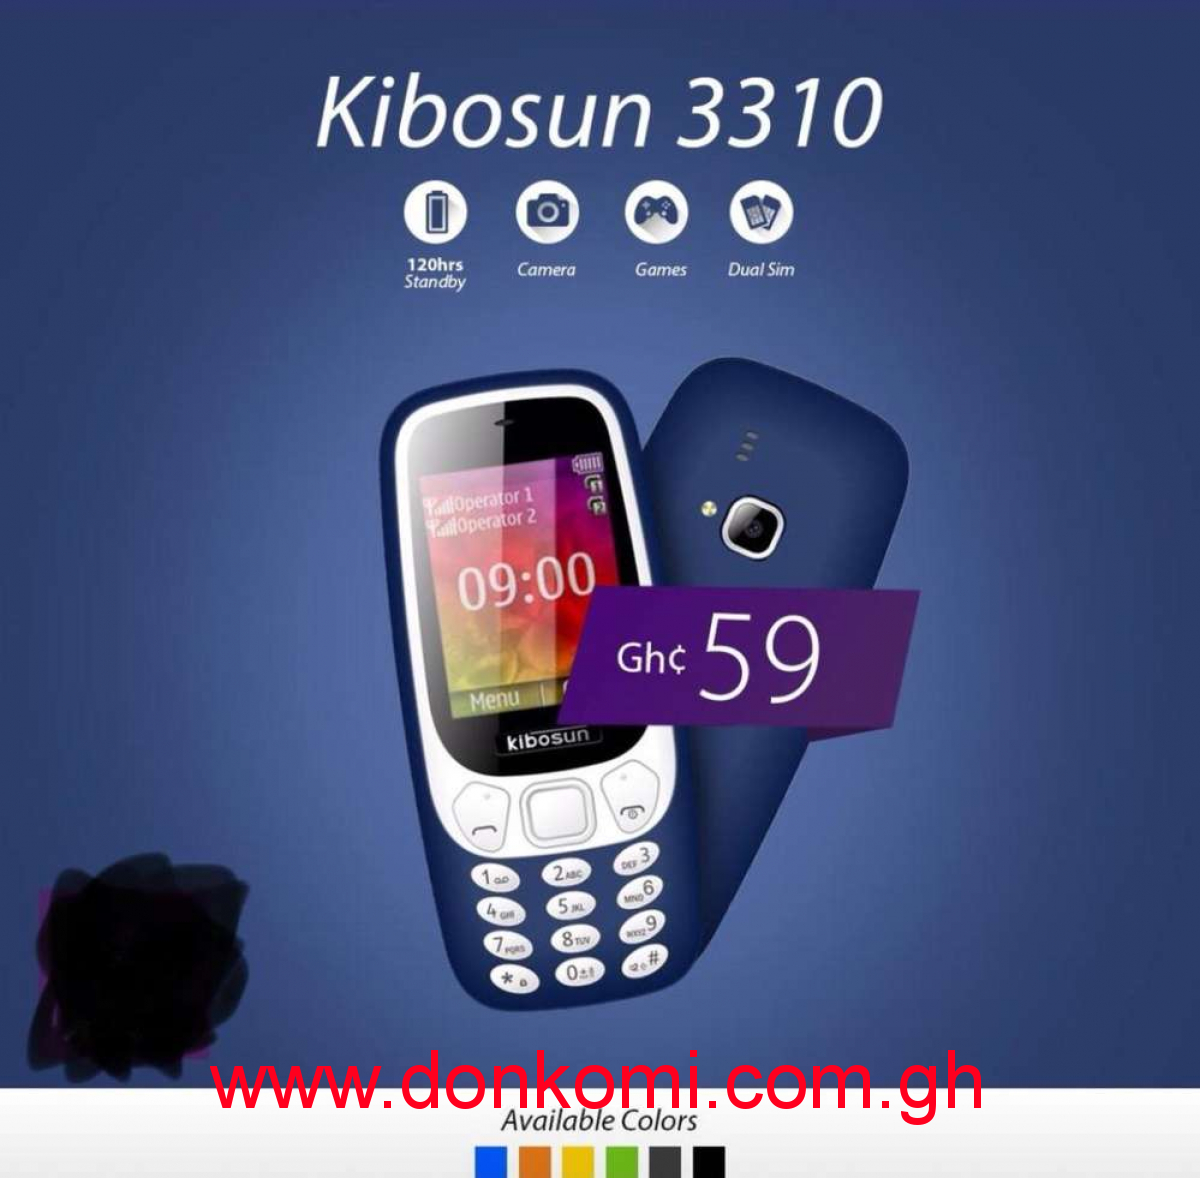 KIBOSUN 3310